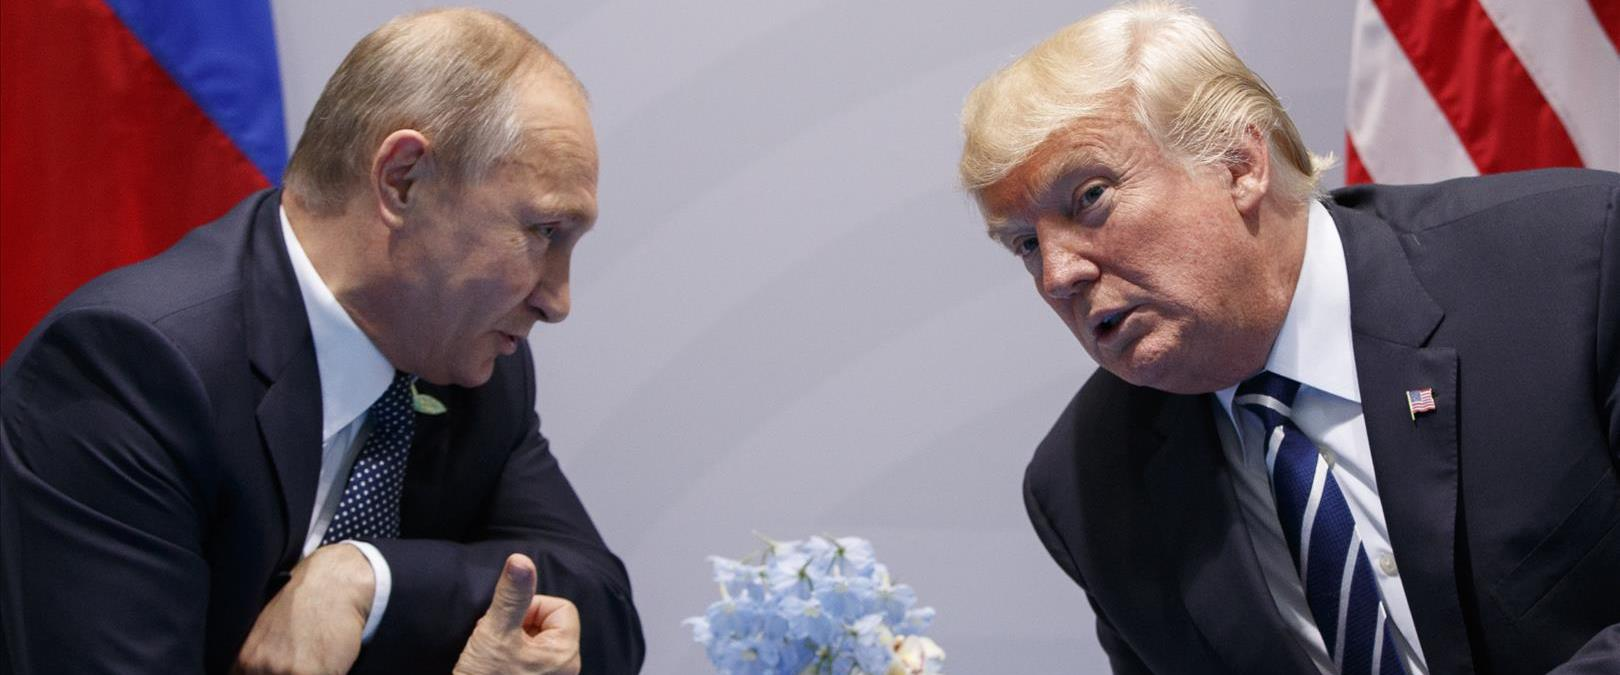 טראמפ ופוטין בפגישה ביניהם, 2017